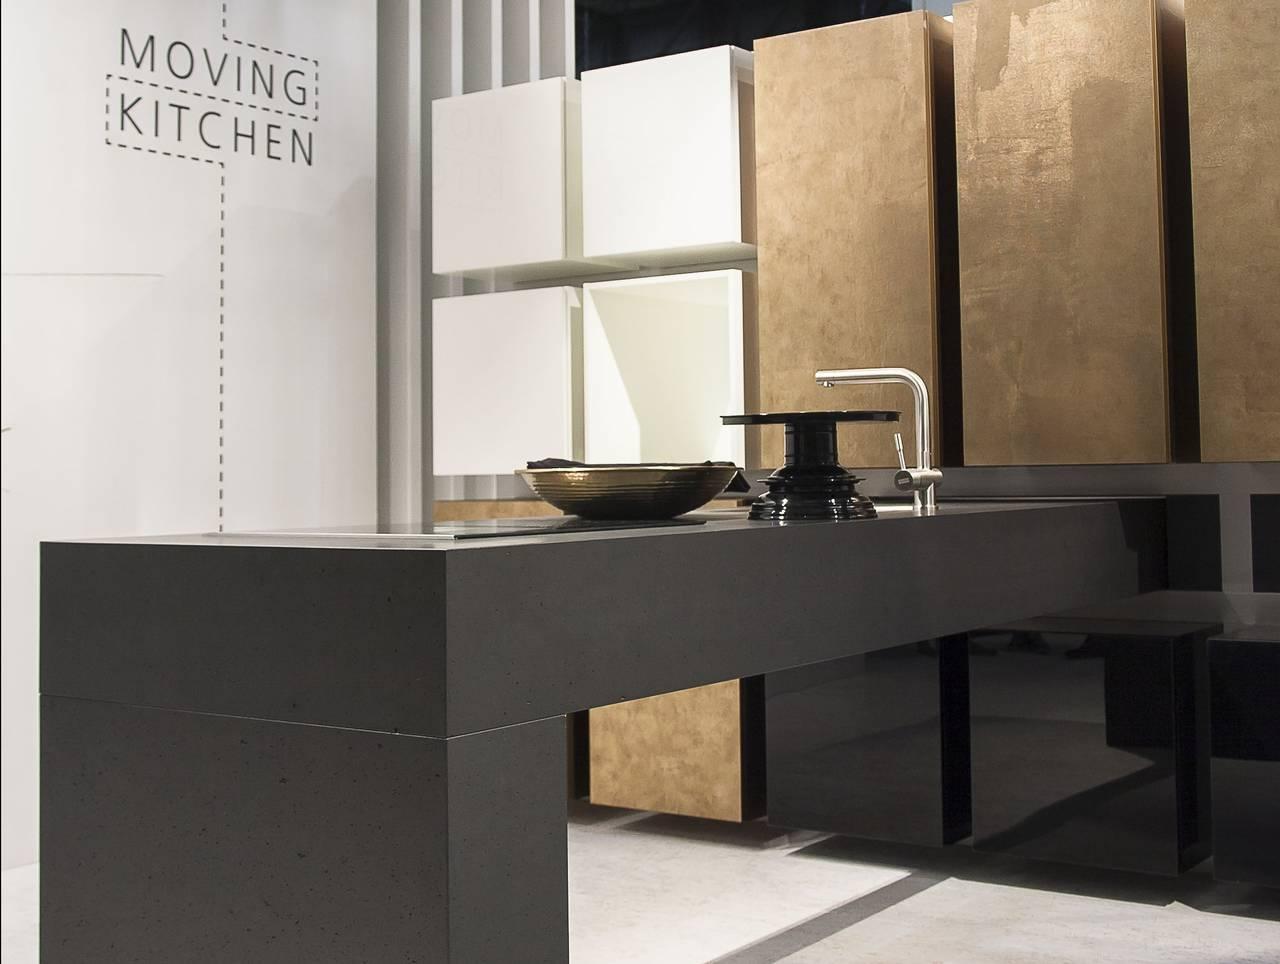 Häcker - Moving Kitchen